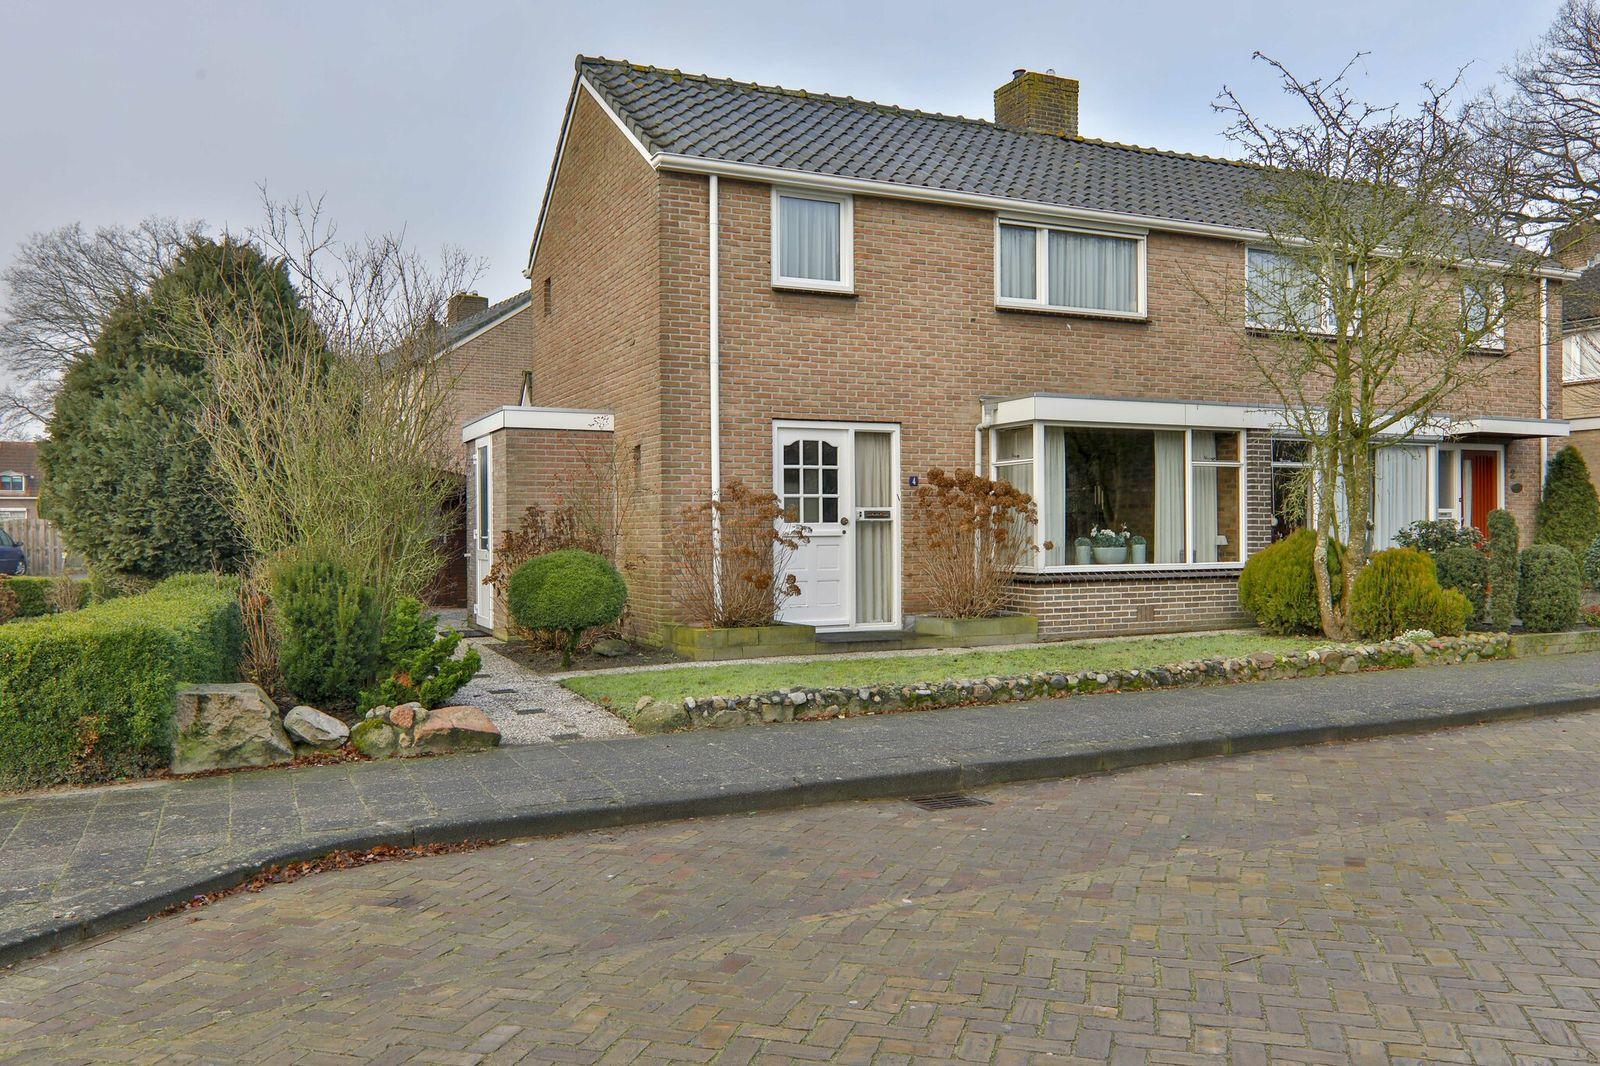 Dokter Broekhoffstraat 4, Hollandscheveld